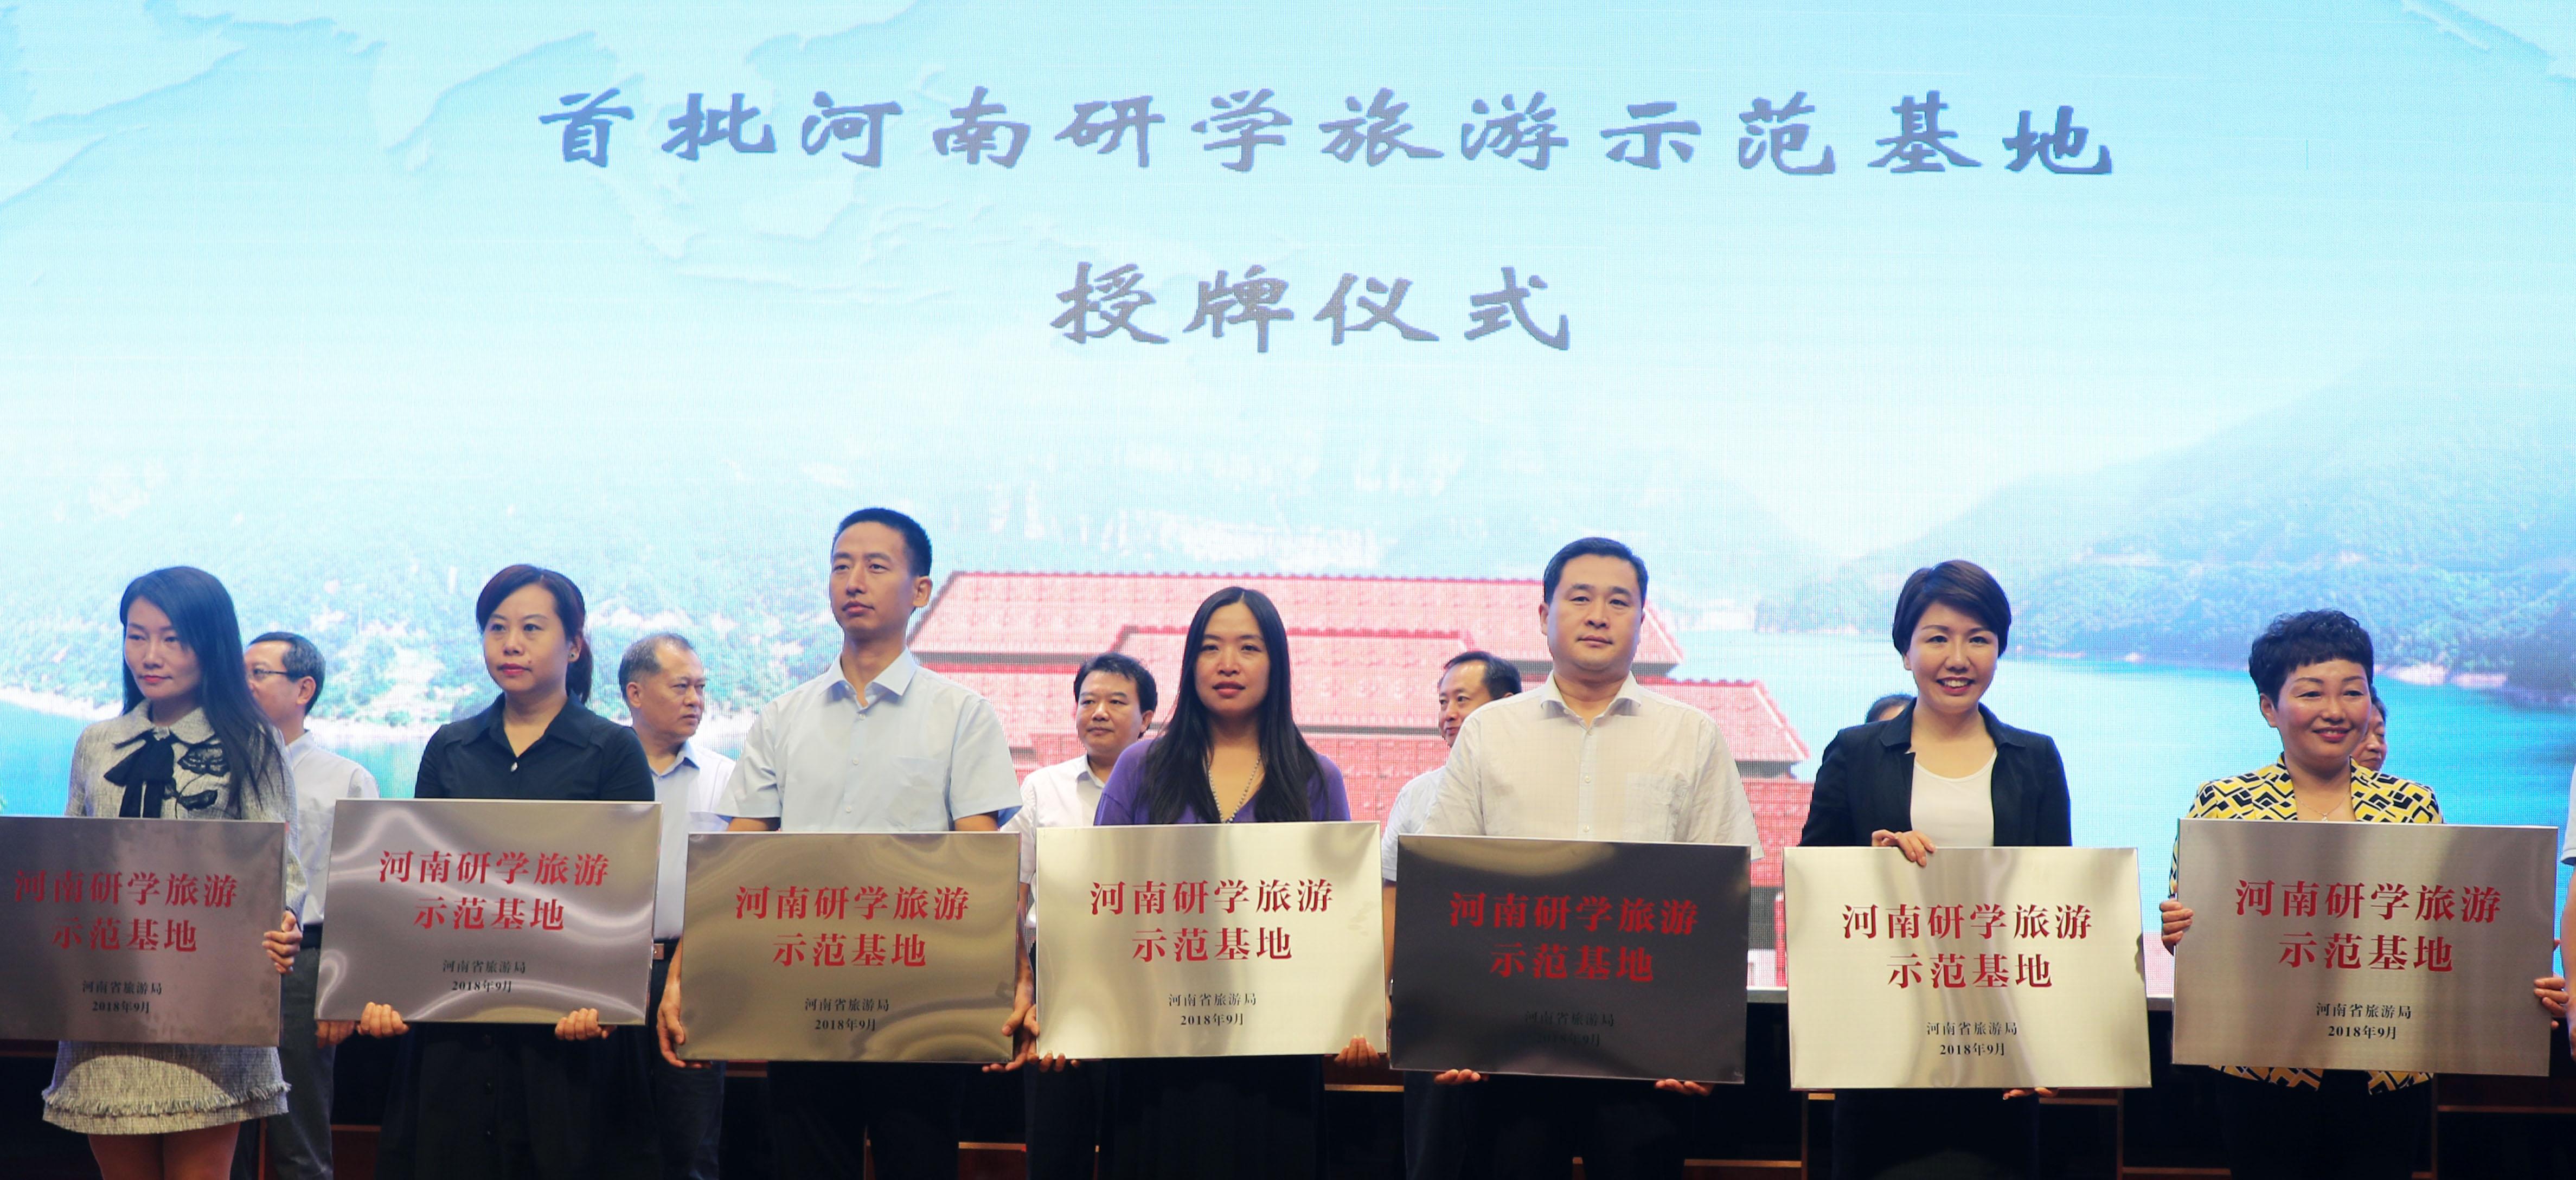 喜报频传!芒砀山被评为首批河南研学旅游示范基地!